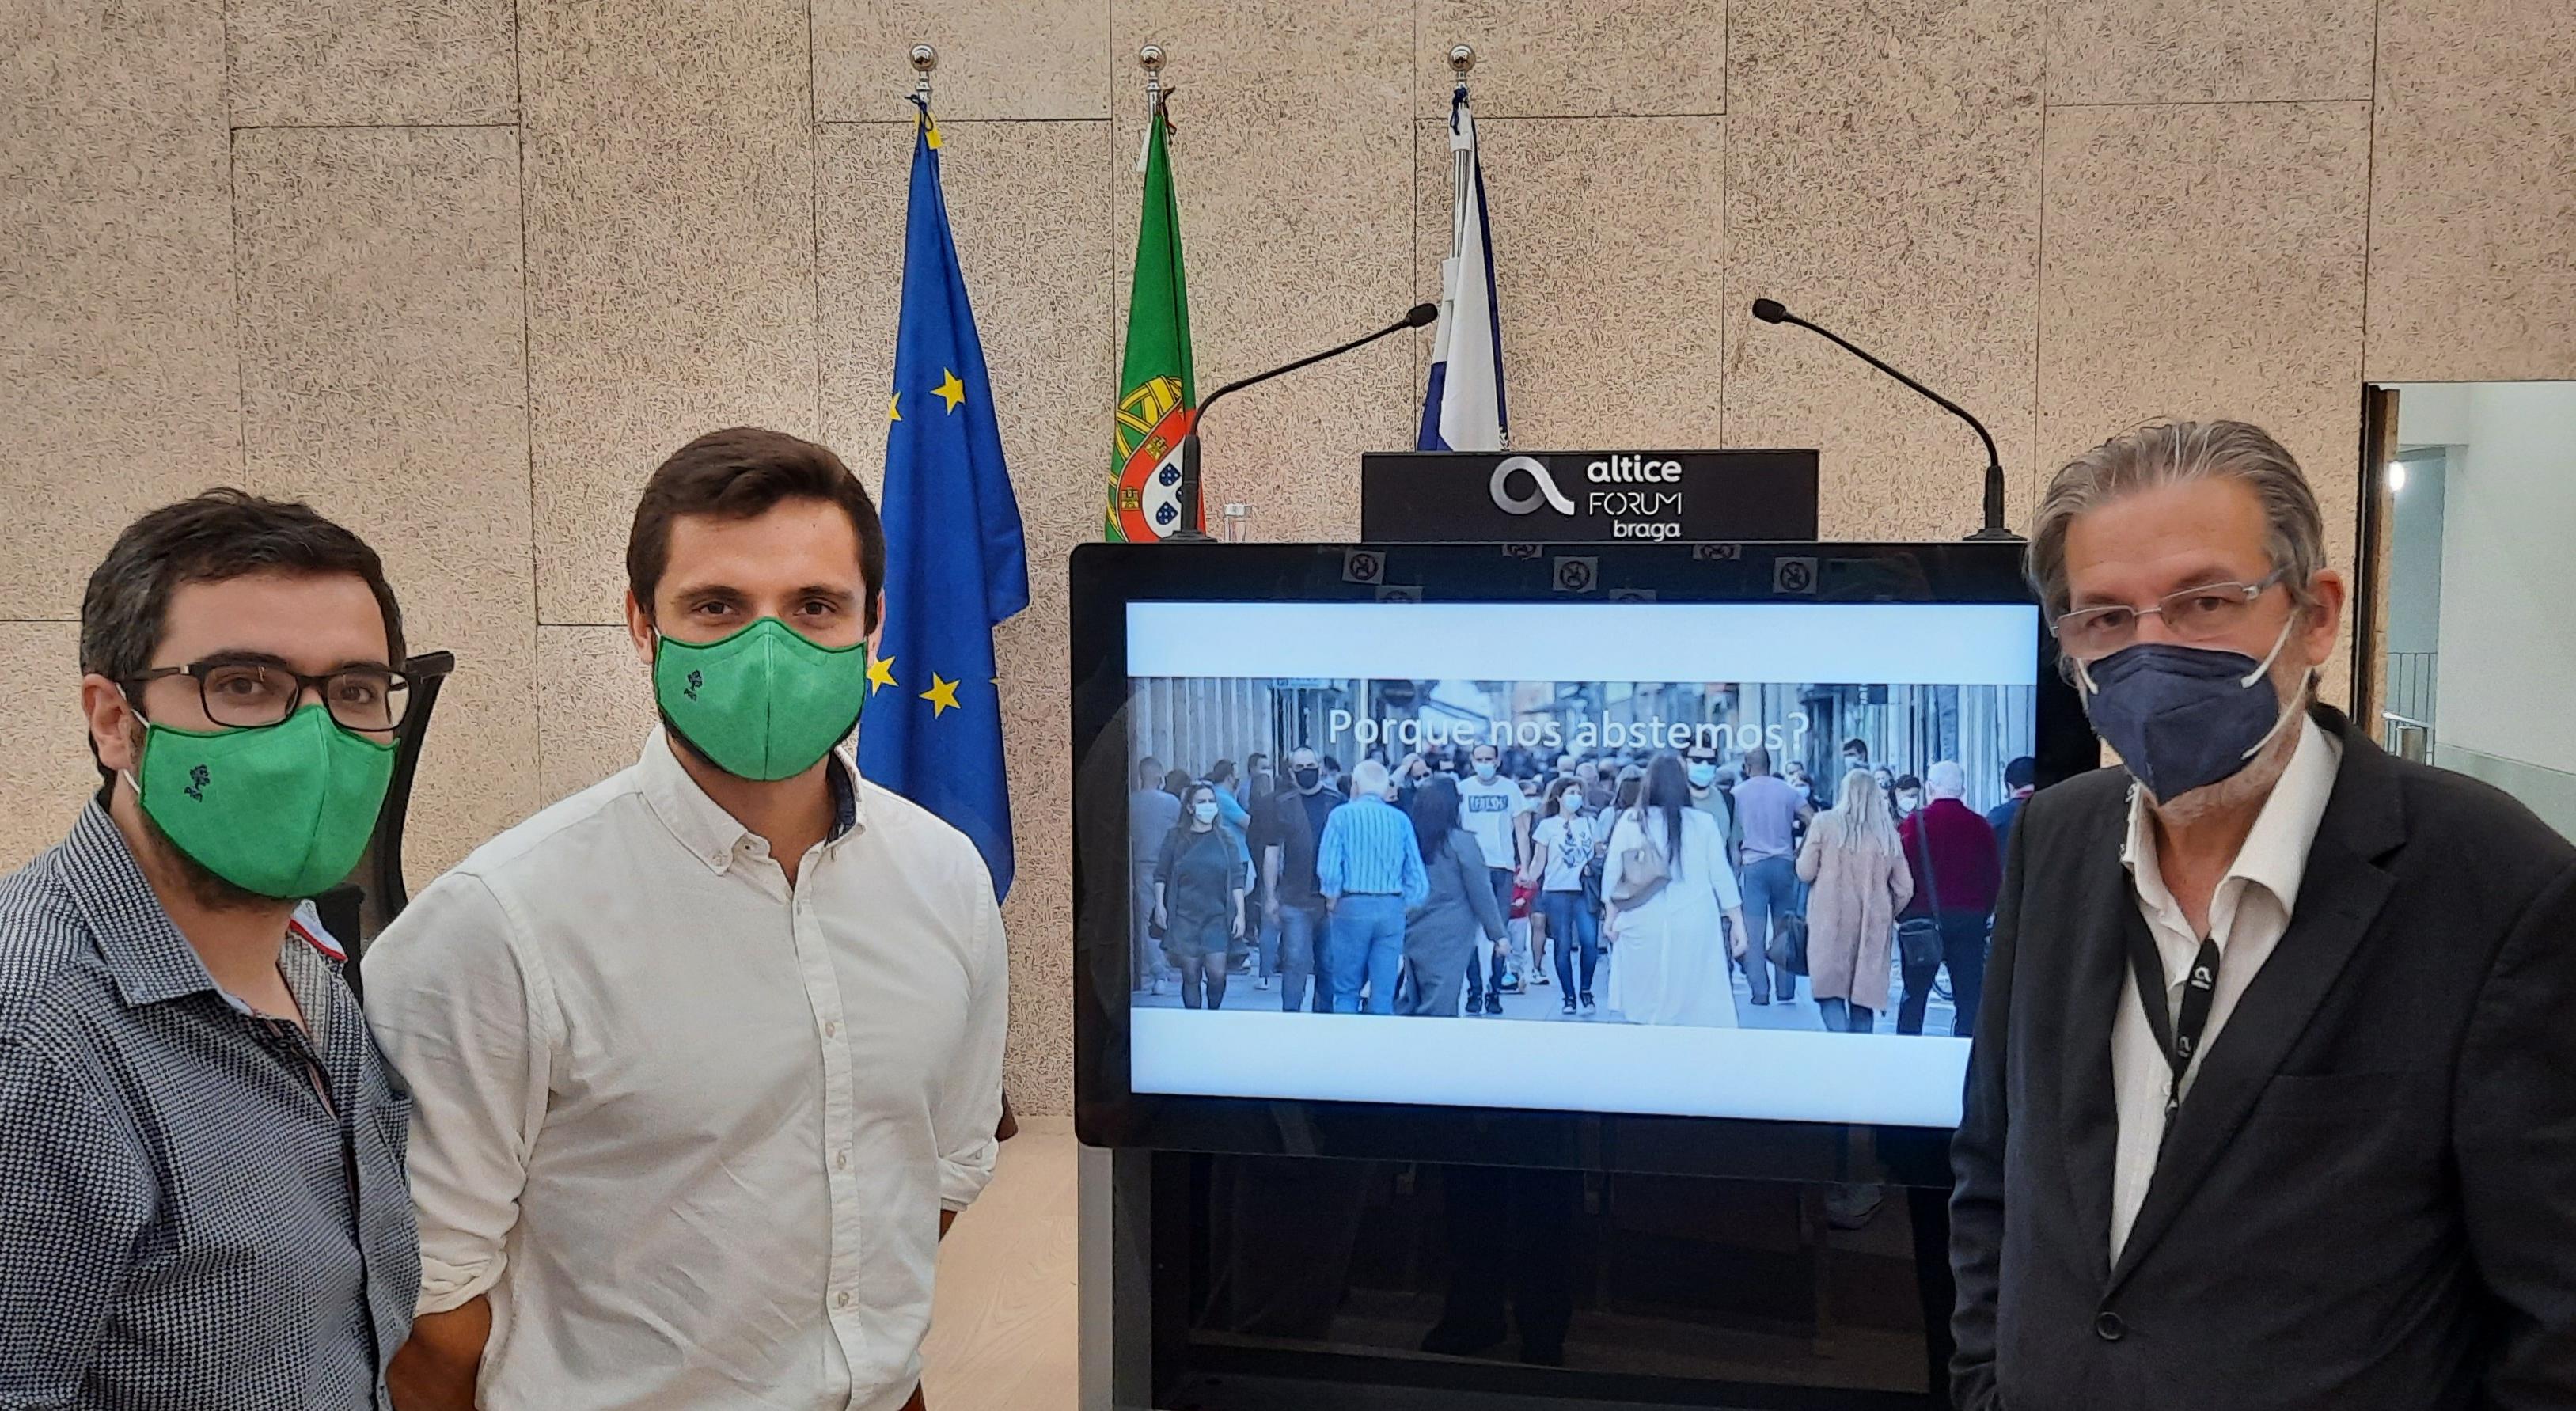 """PAN Braga subscreve manifesto contra abstenção em nome de reforma de sistema eleitoral """"enviesado"""""""